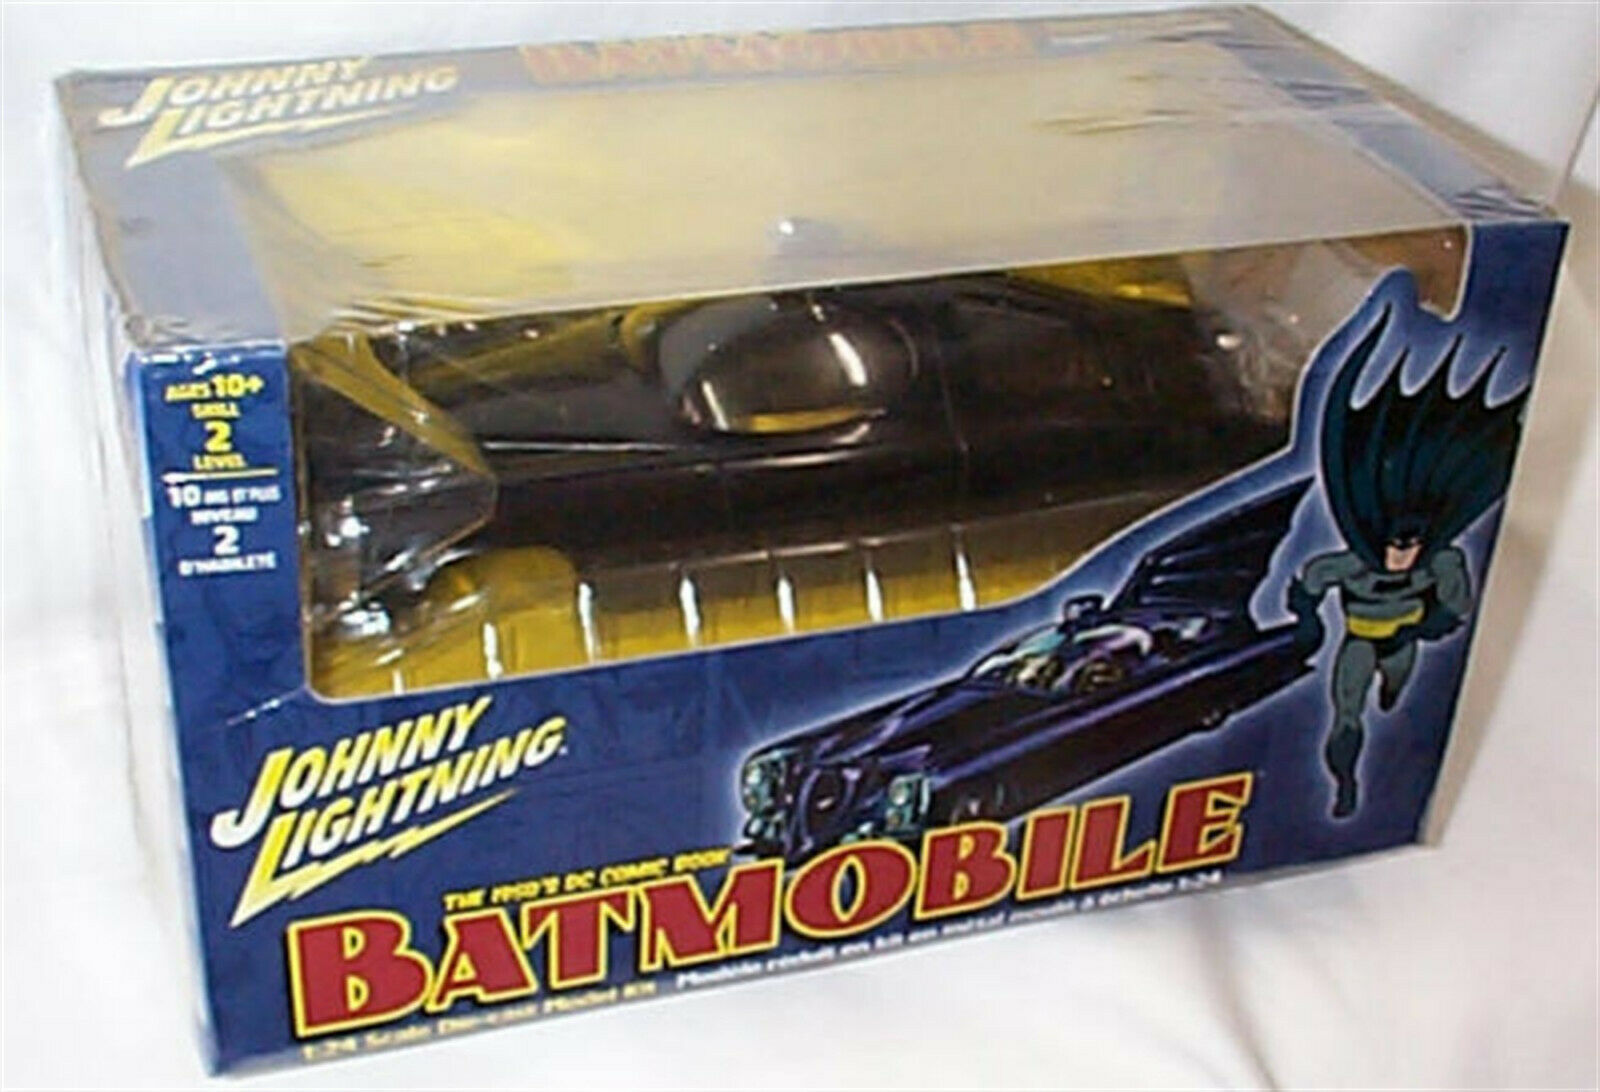 Batmobile The 1950'S DC Comic Book 1-24 Scale Model Kit New in Box 6903